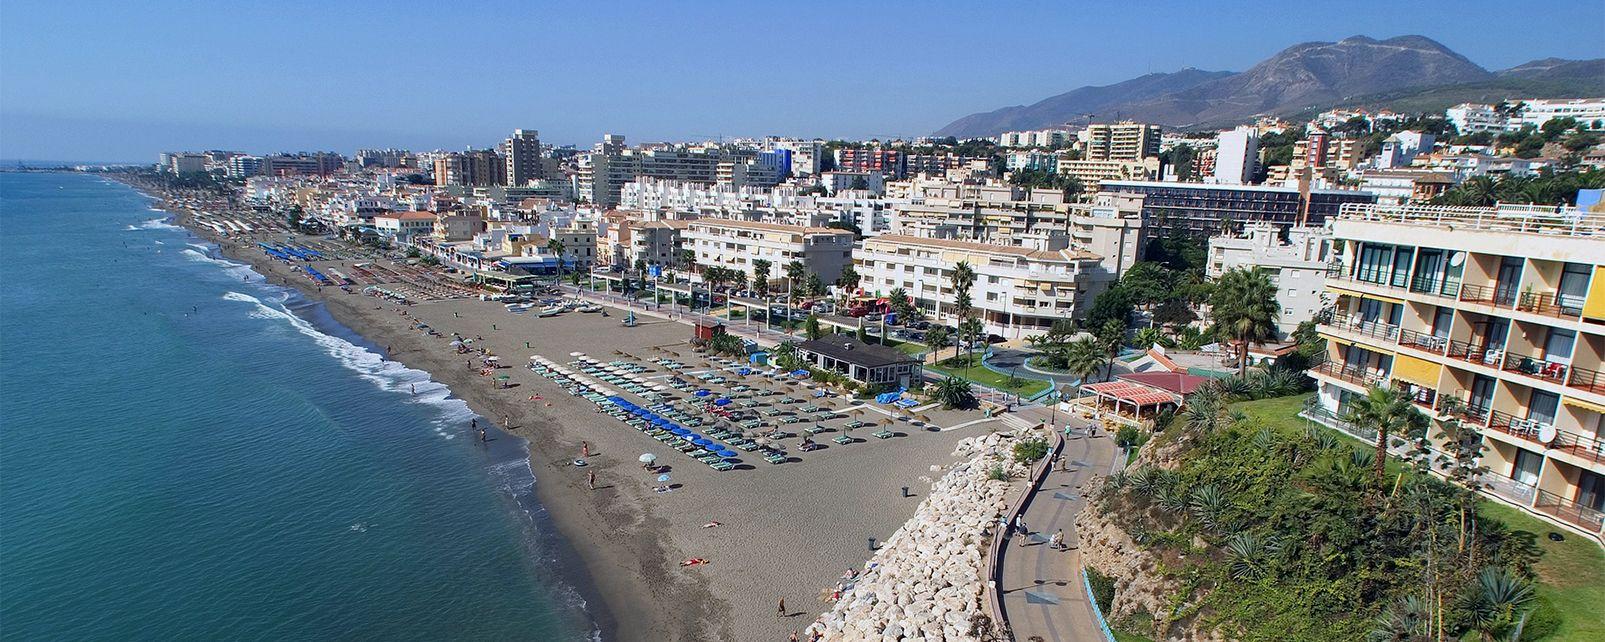 Torremolinos, Costa del Sol - Torremolinos, Las costas, Andalucía